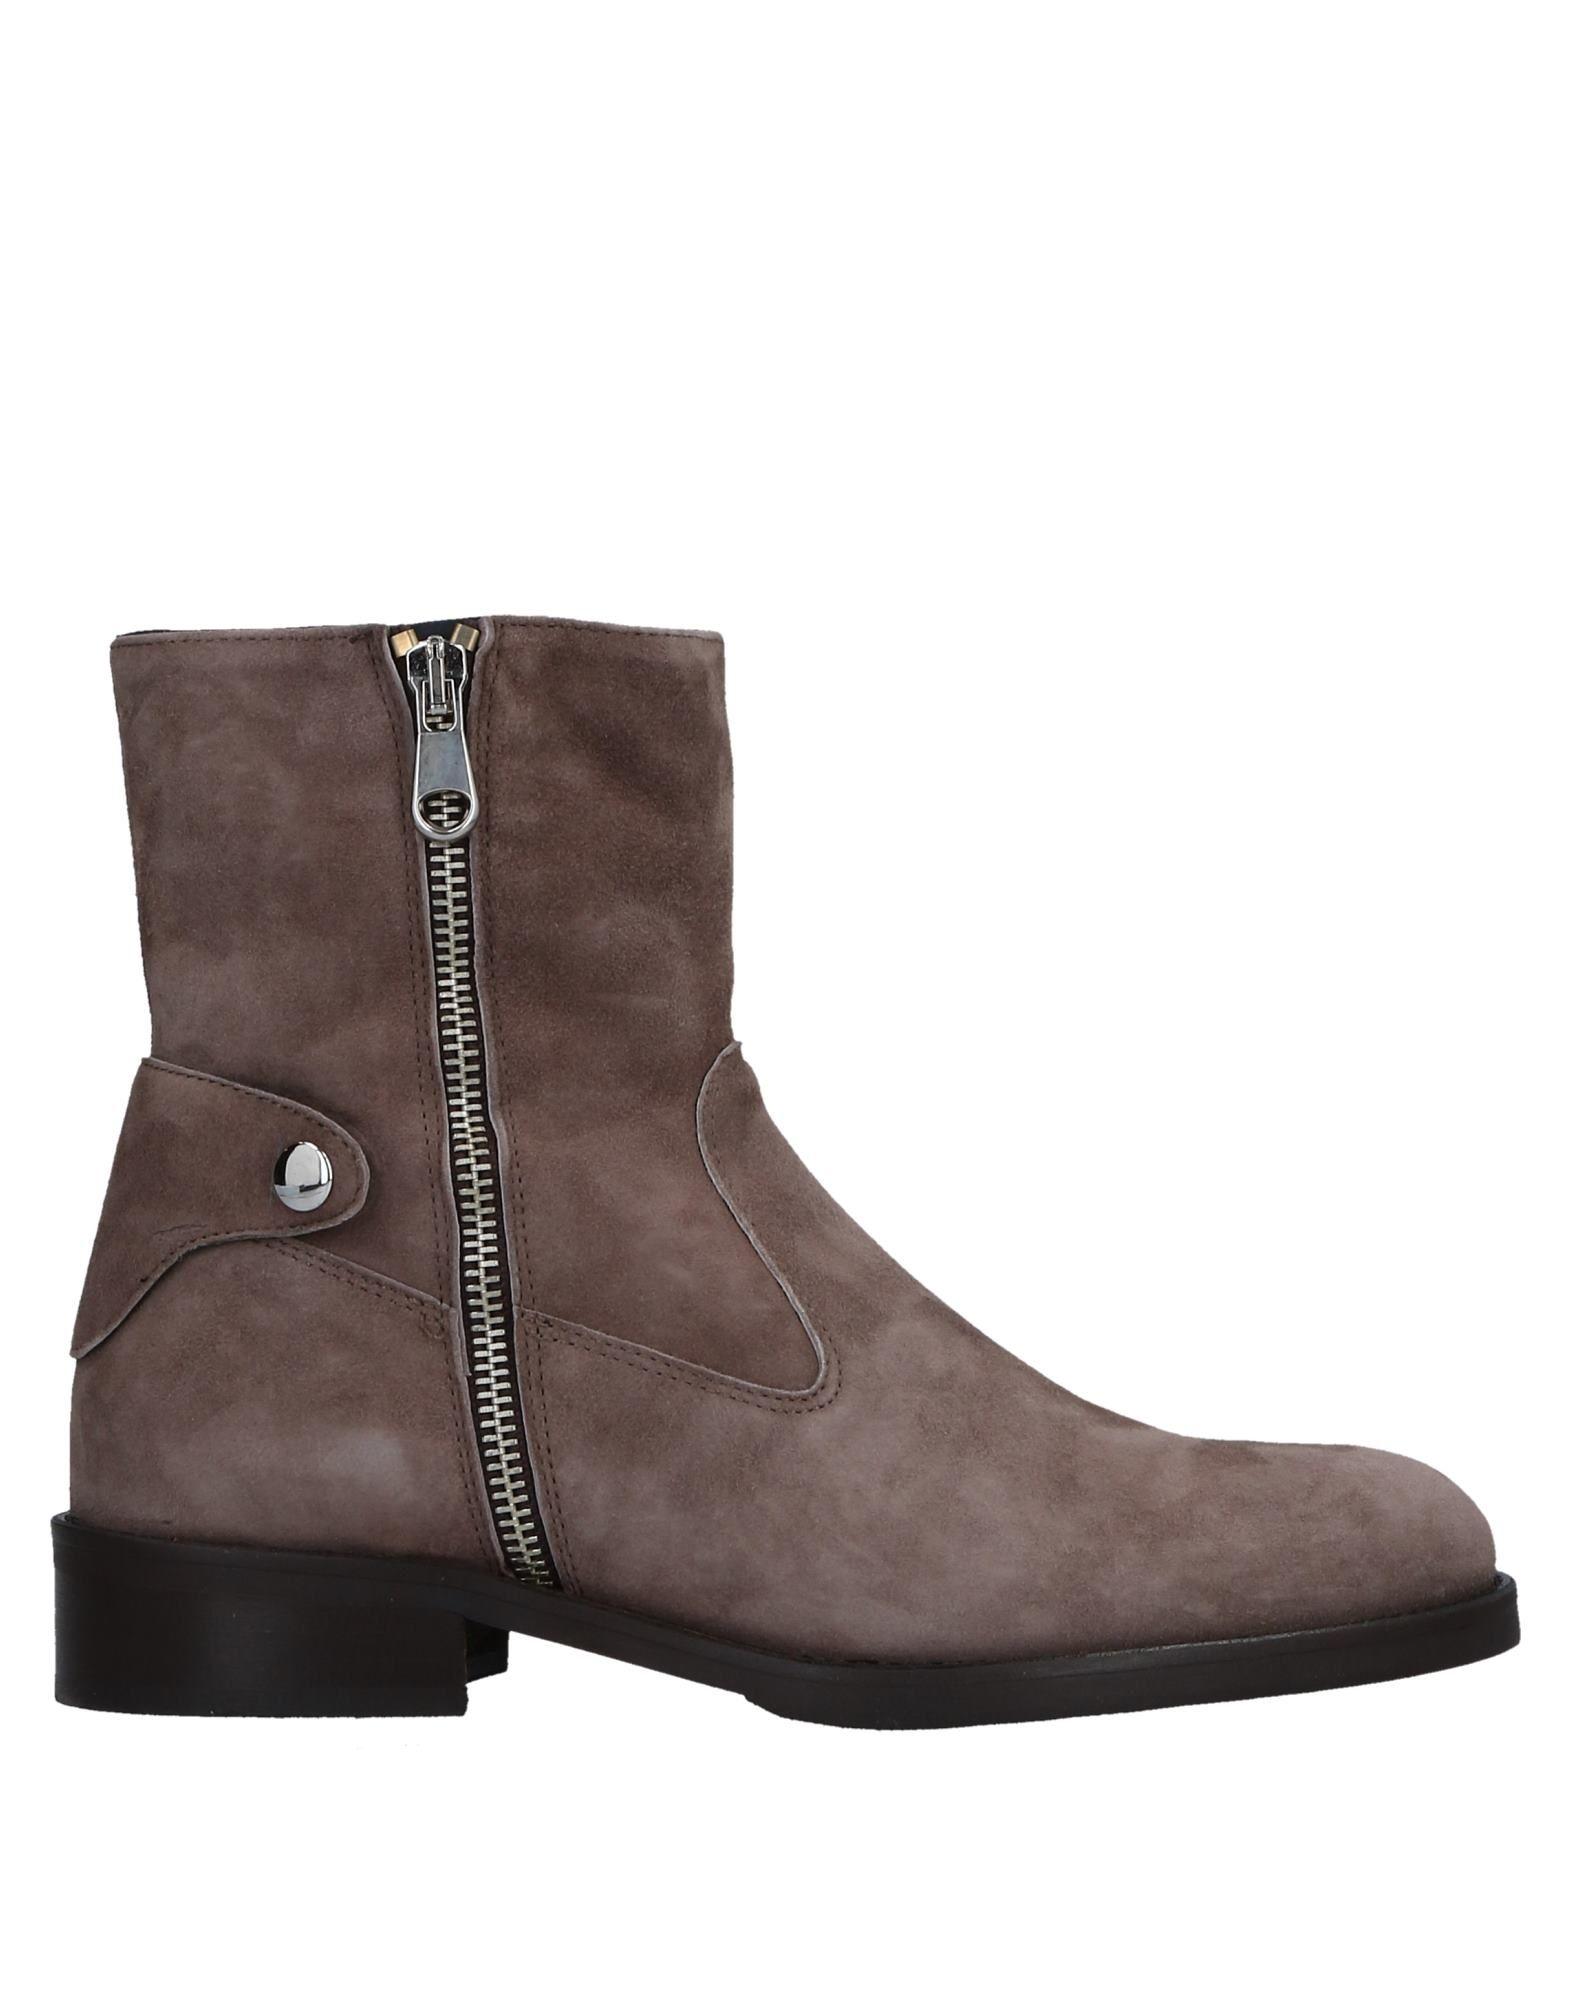 Bottine Merygen Femme - Bottines Merygen Noir Nouvelles chaussures pour hommes et femmes, remise limitée dans le temps